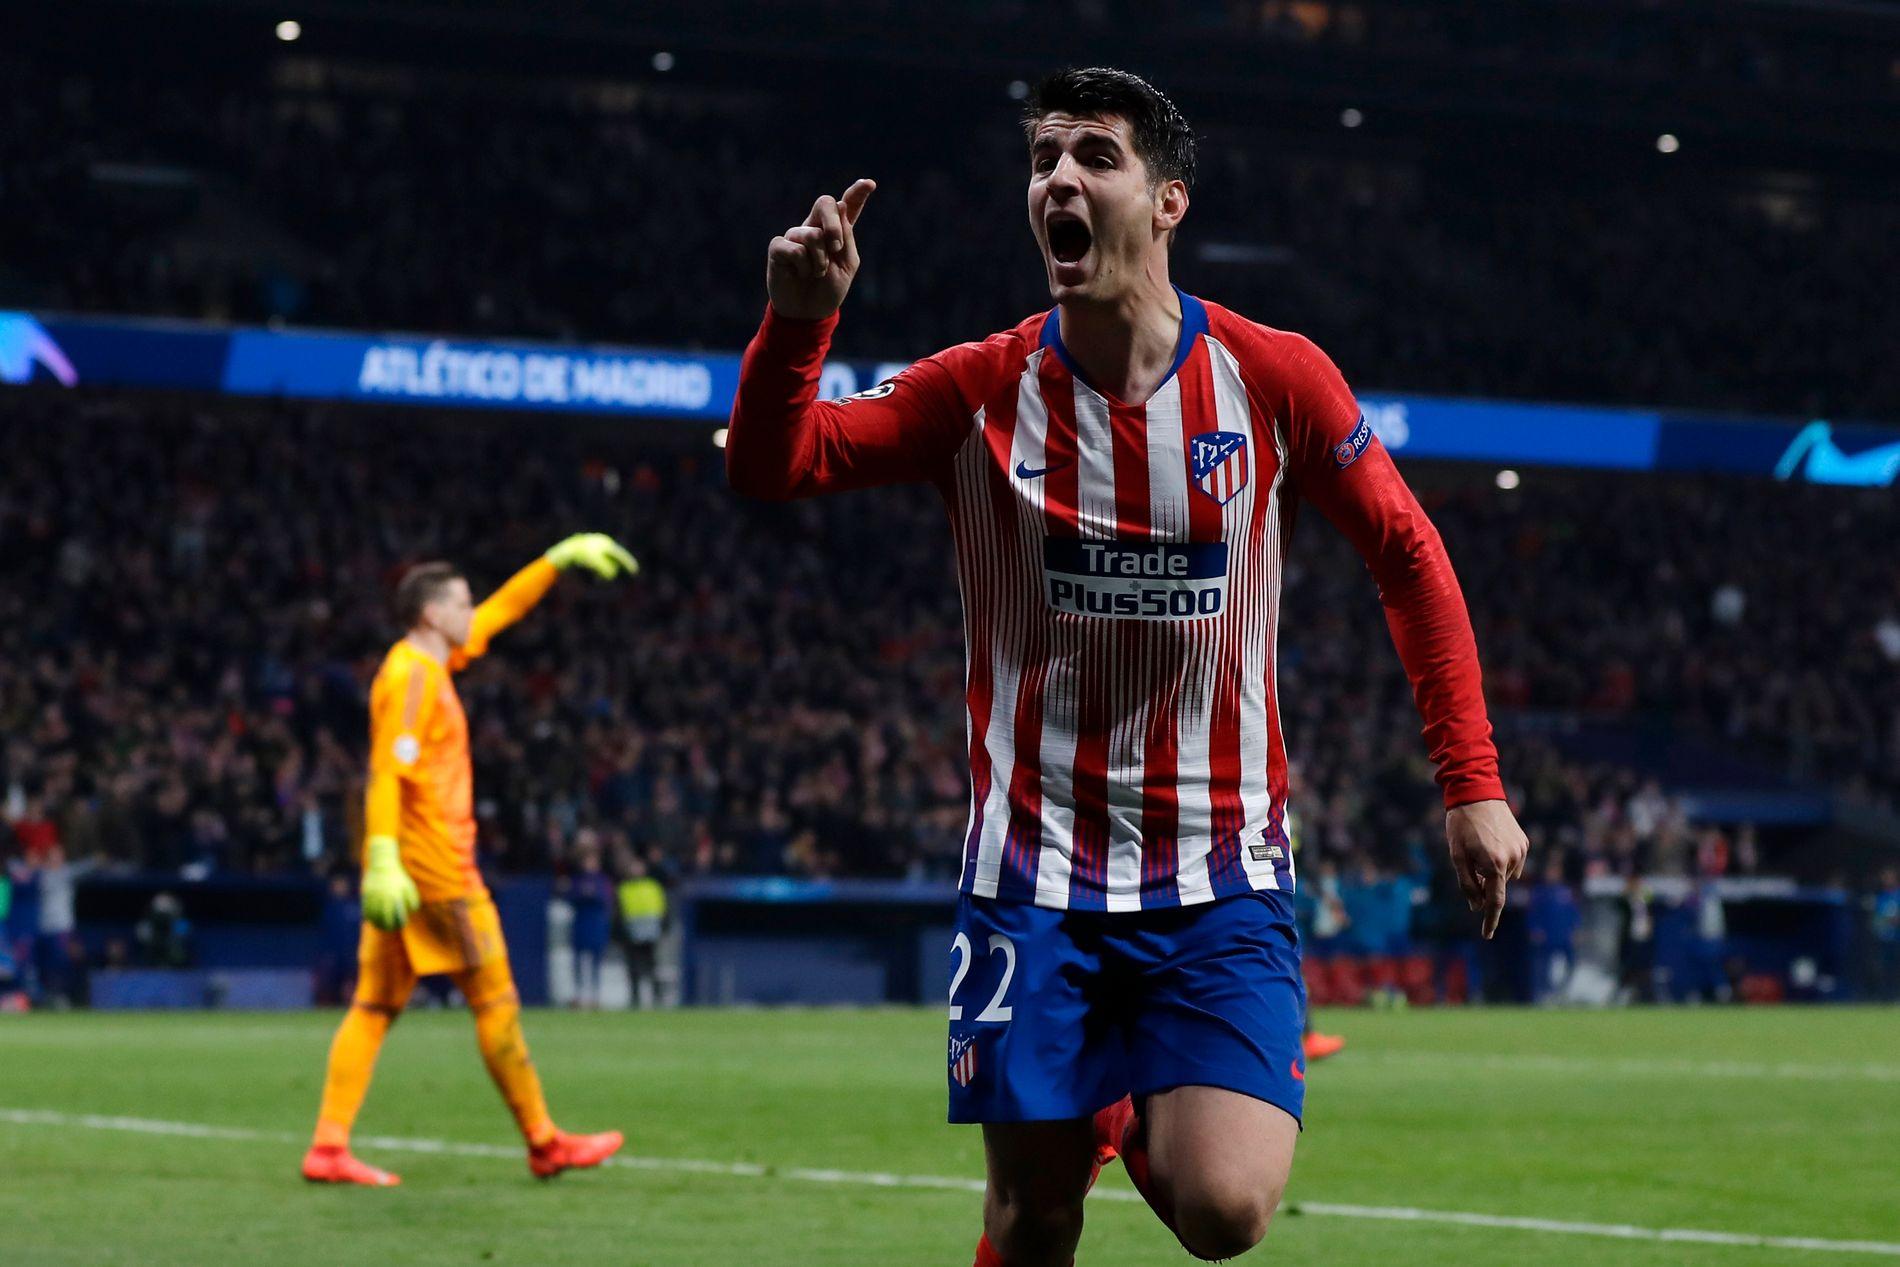 VANT: Atléticos Álvaro Morata feirer en scoring som senere ble omdømt. Spanjolen har likevel grunn til å feire med 2-0-seier.